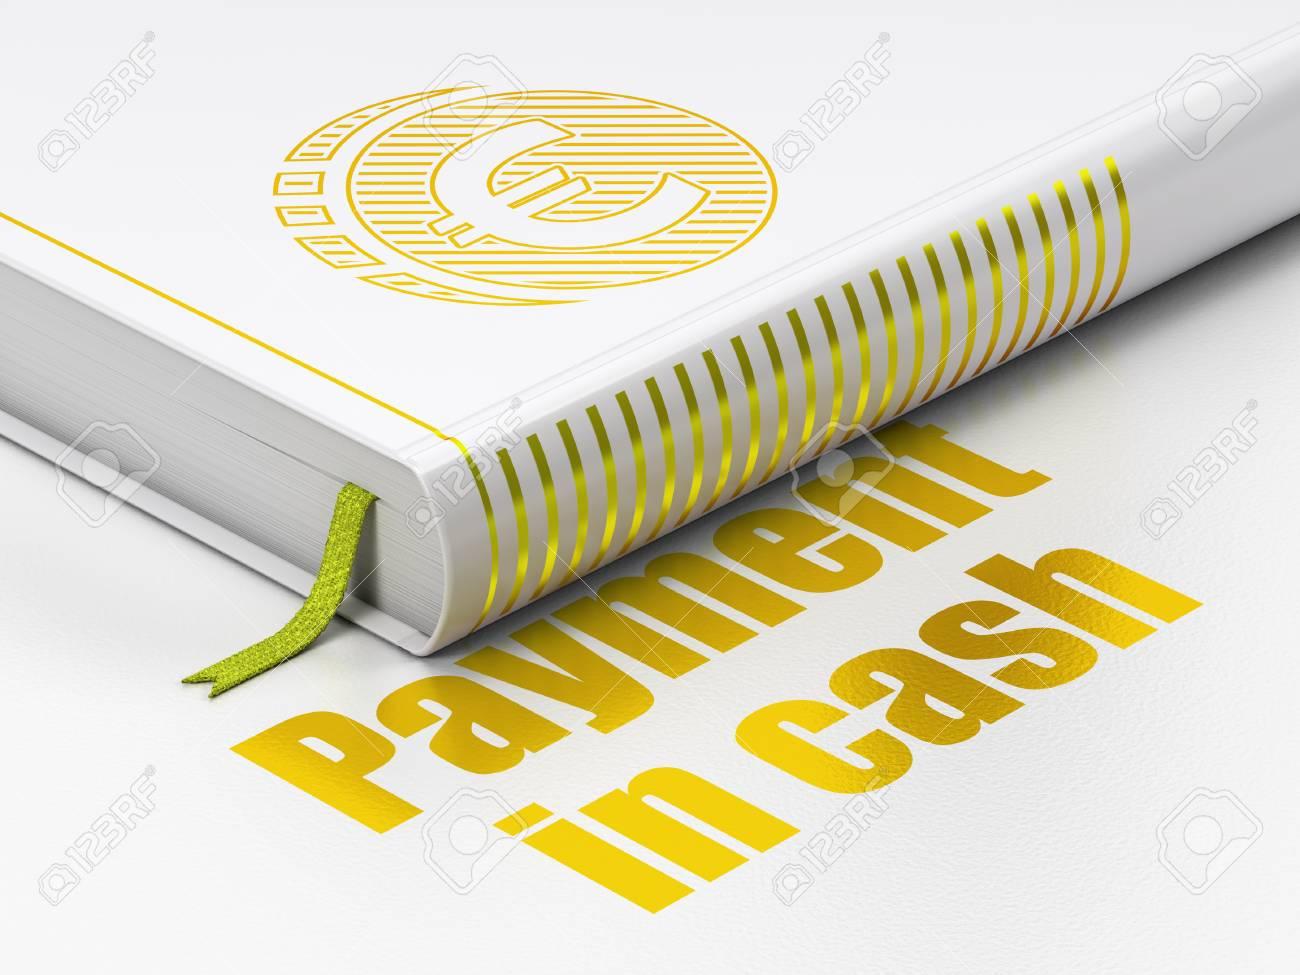 Banking Konzept Geschlossen Buch Mit Gold Euro Münzen Symbol Und